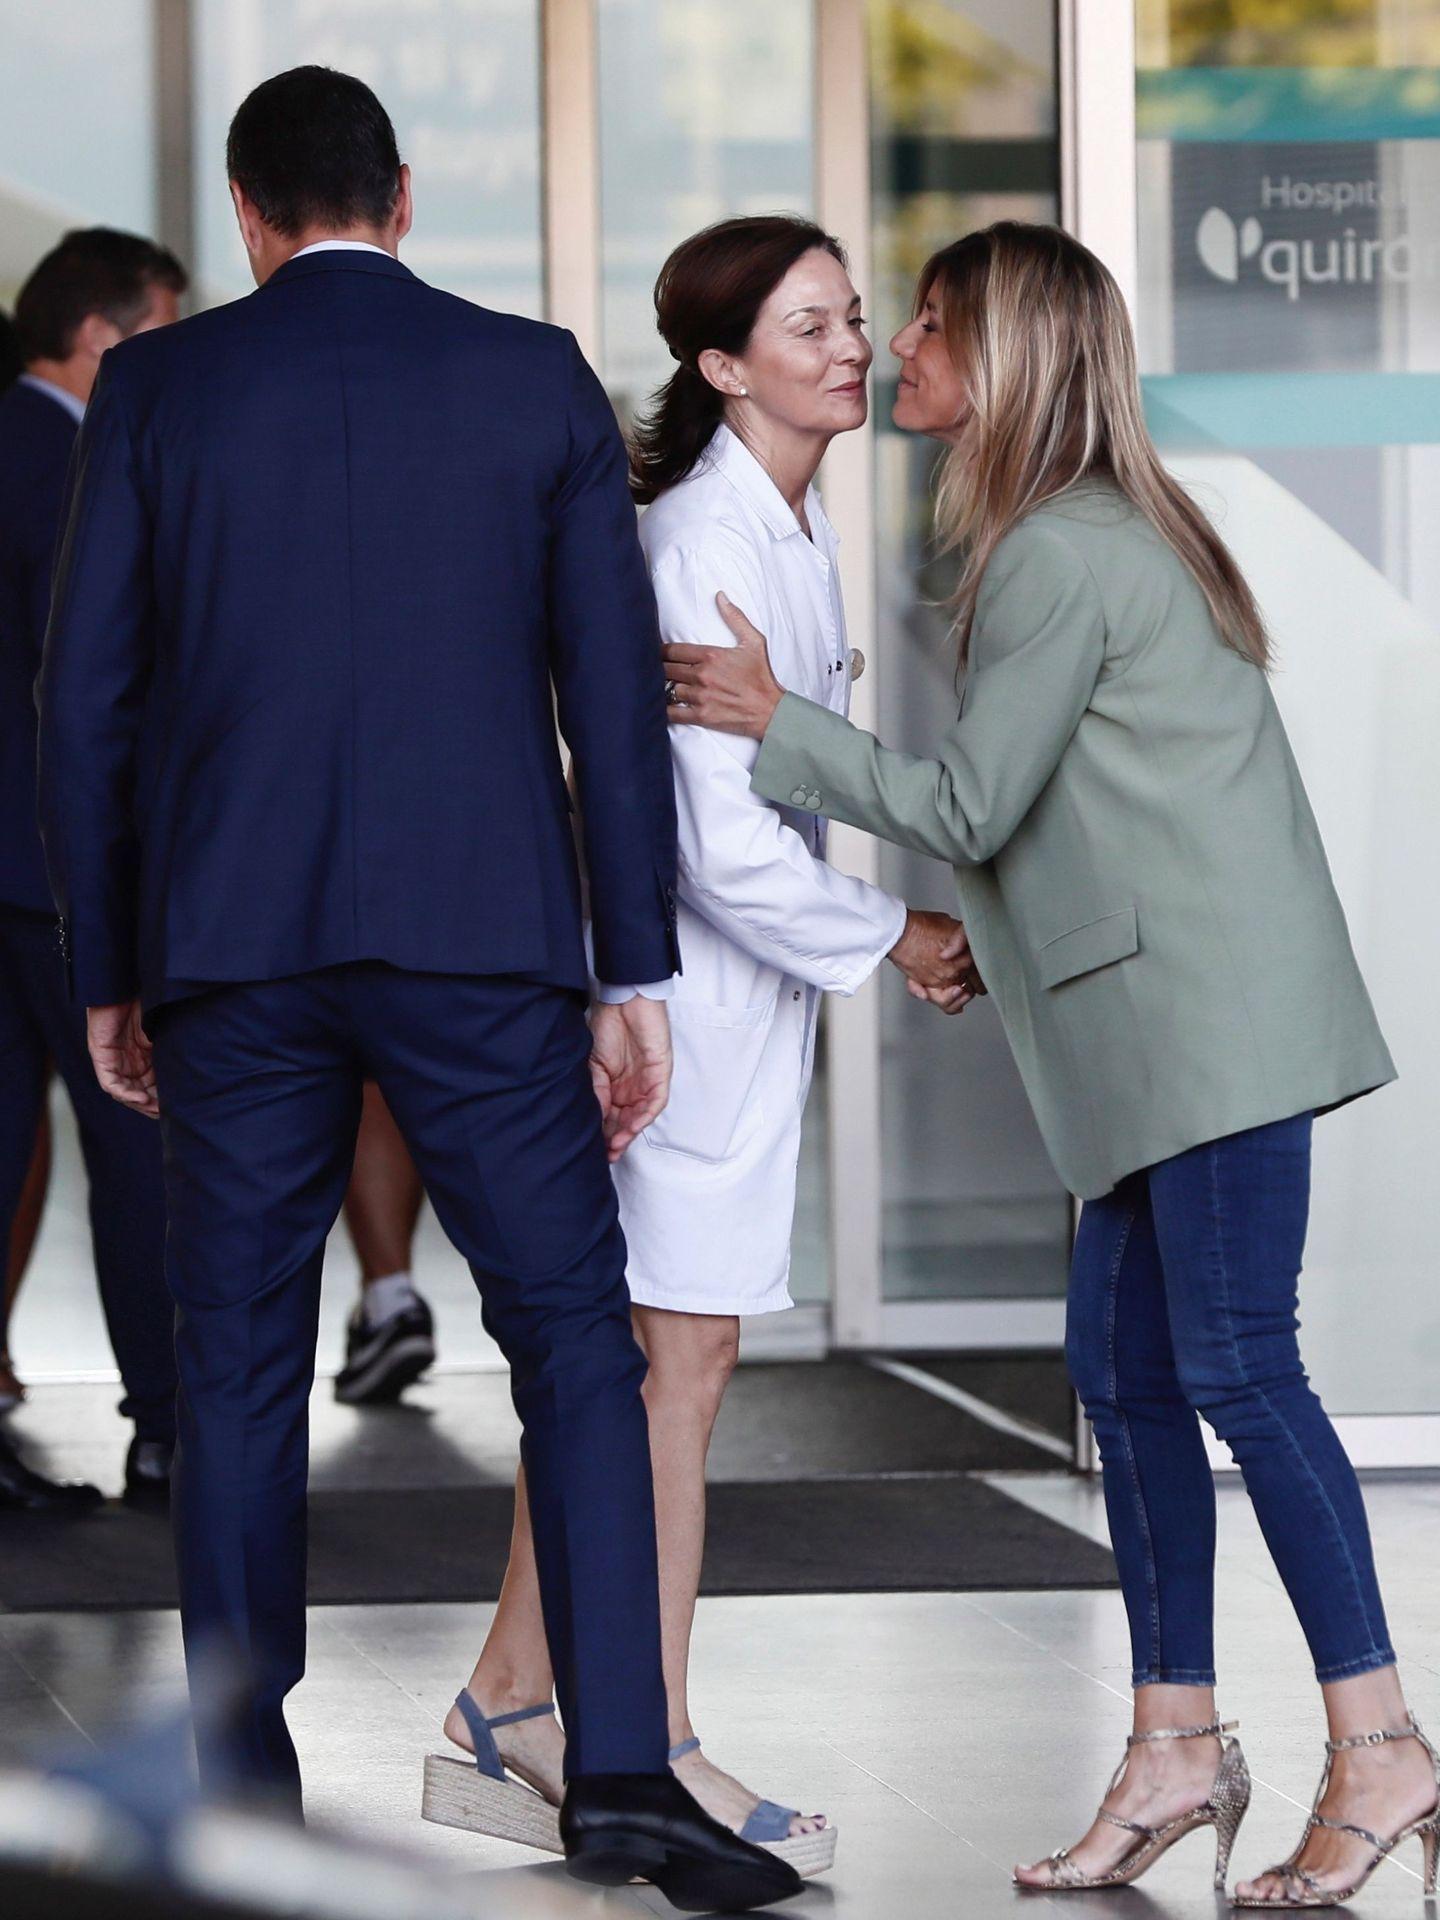 El presidente y su mujer, a su llegada. (EFE)